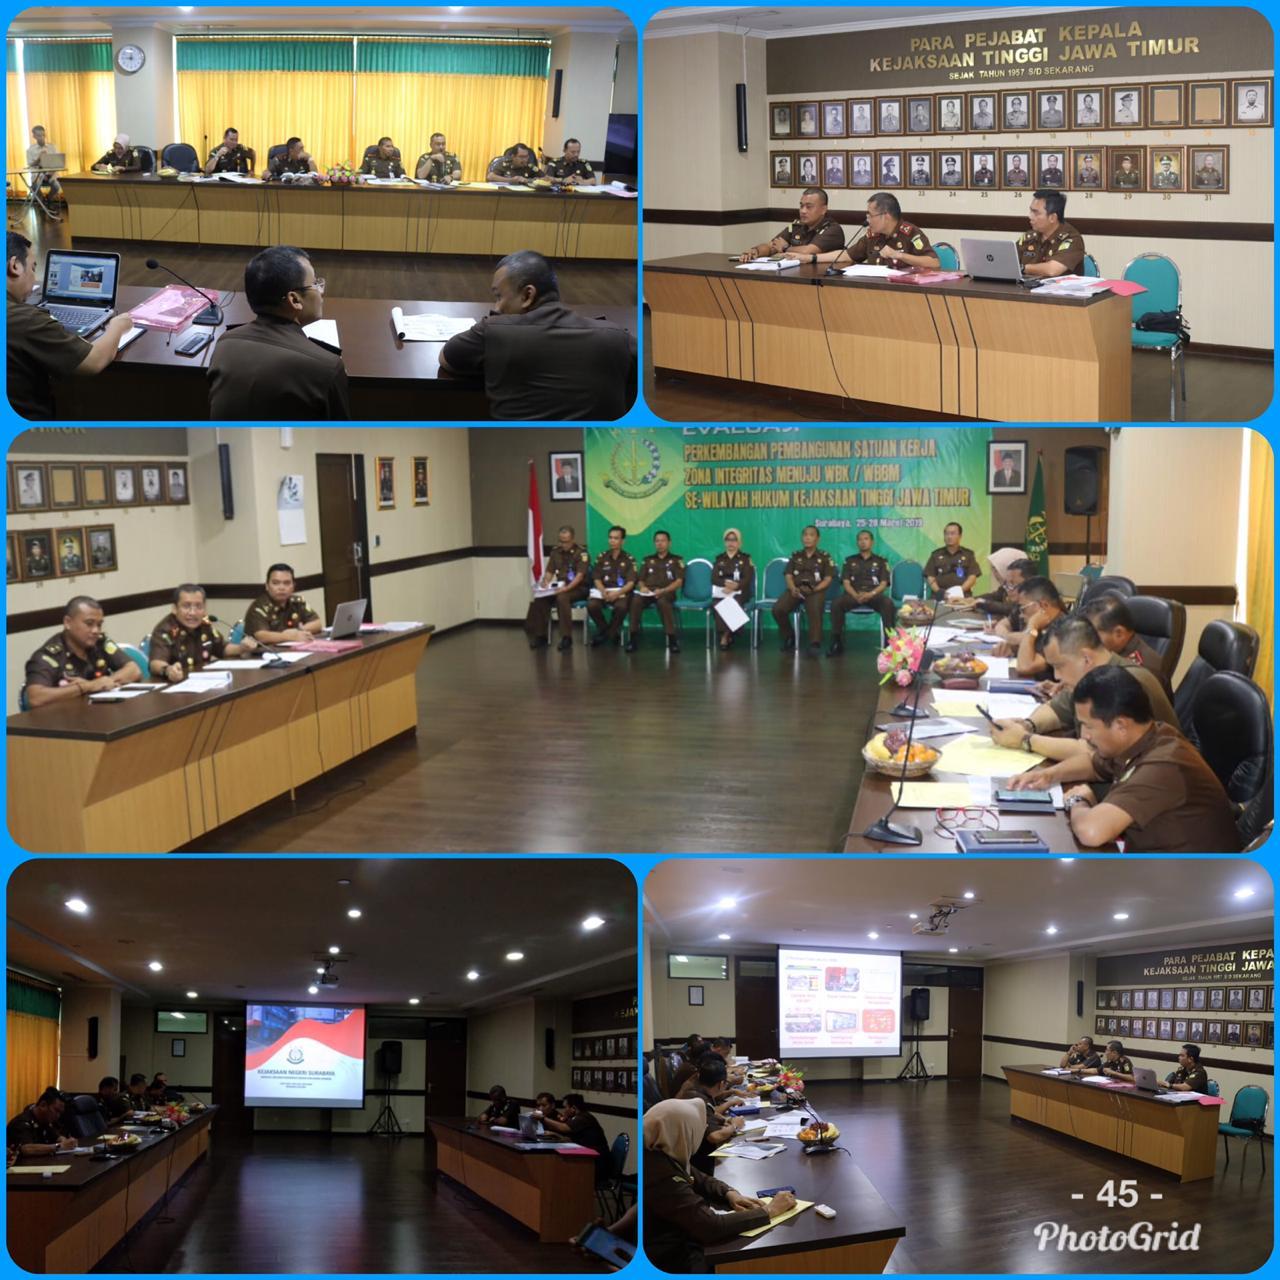 Evaluasi Perkembangan Pembangunan Satuan Kerja Zona Integritas Menuju WBK/WBBM 25-03-2019